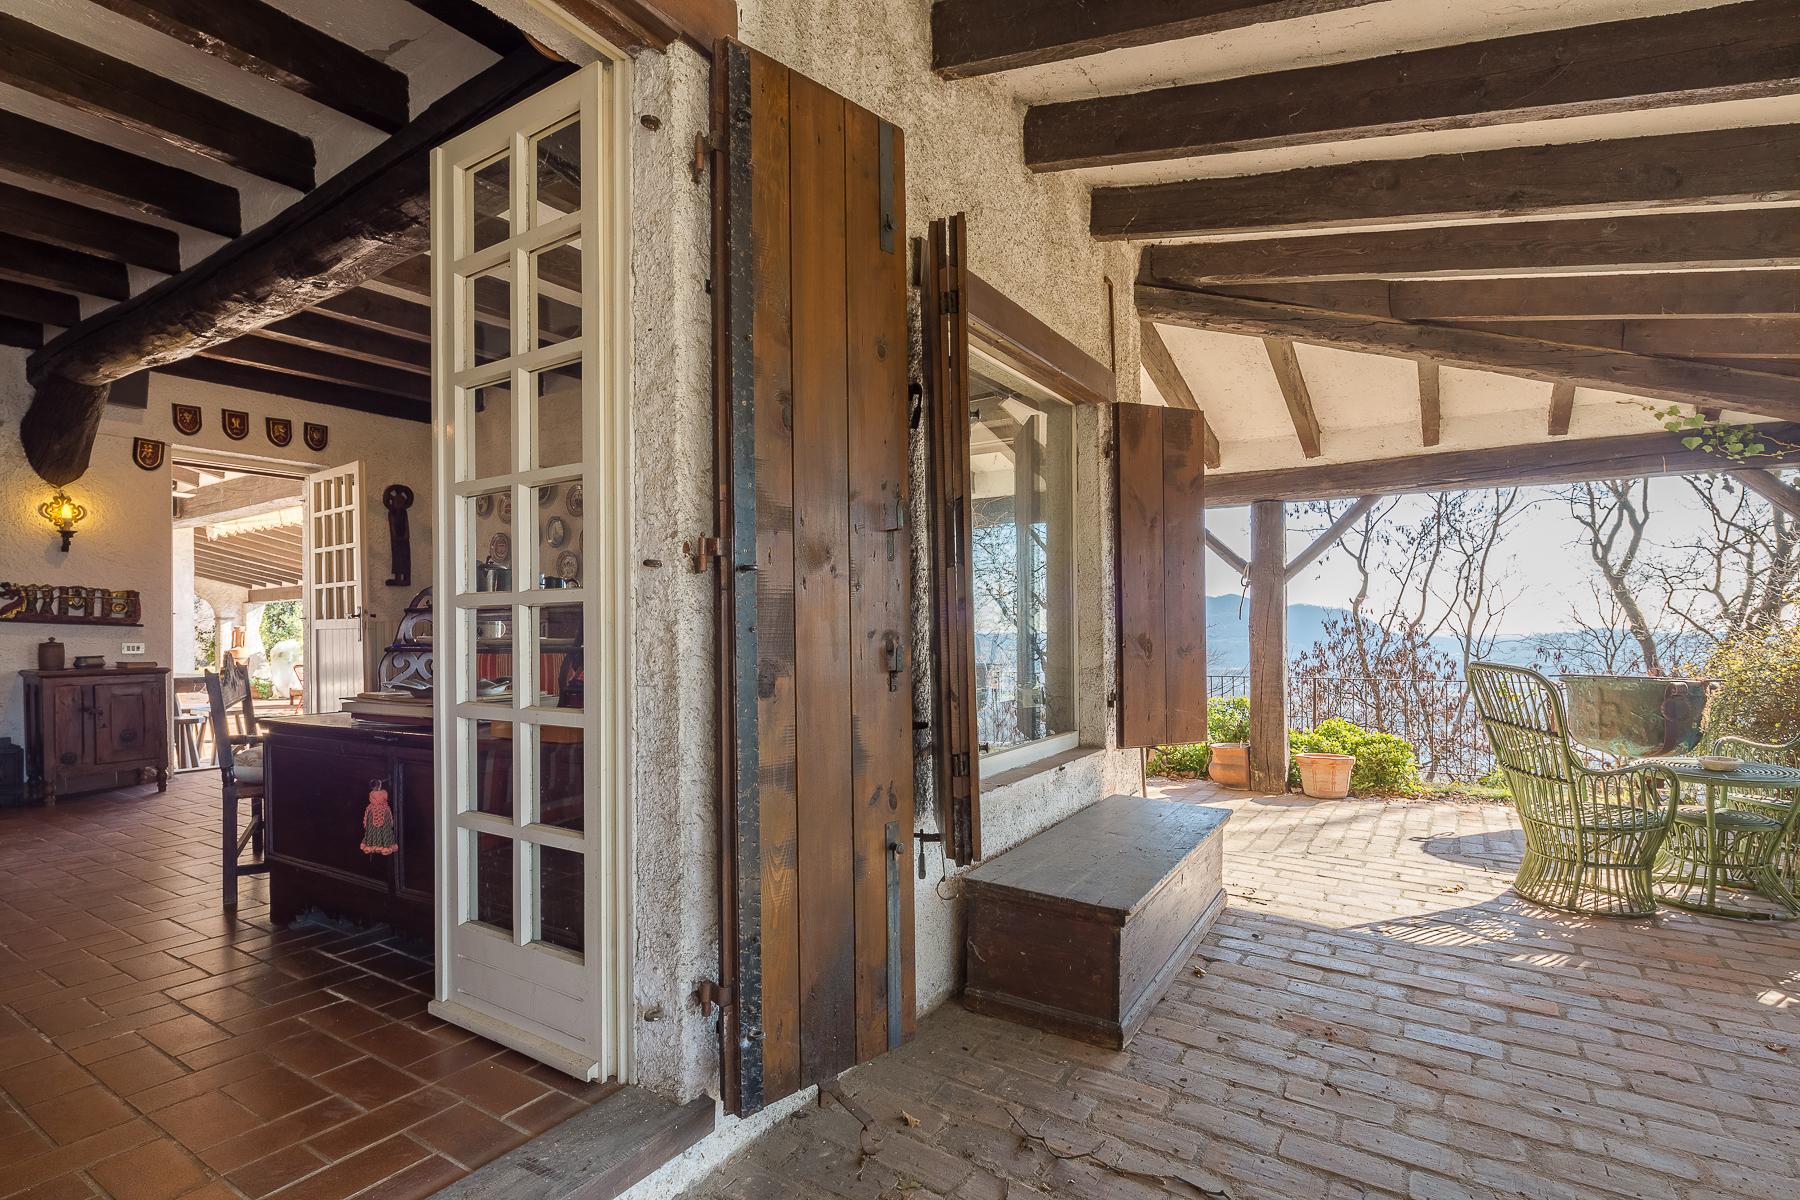 Villa in Vendita a Monte Marenzo: 5 locali, 350 mq - Foto 11